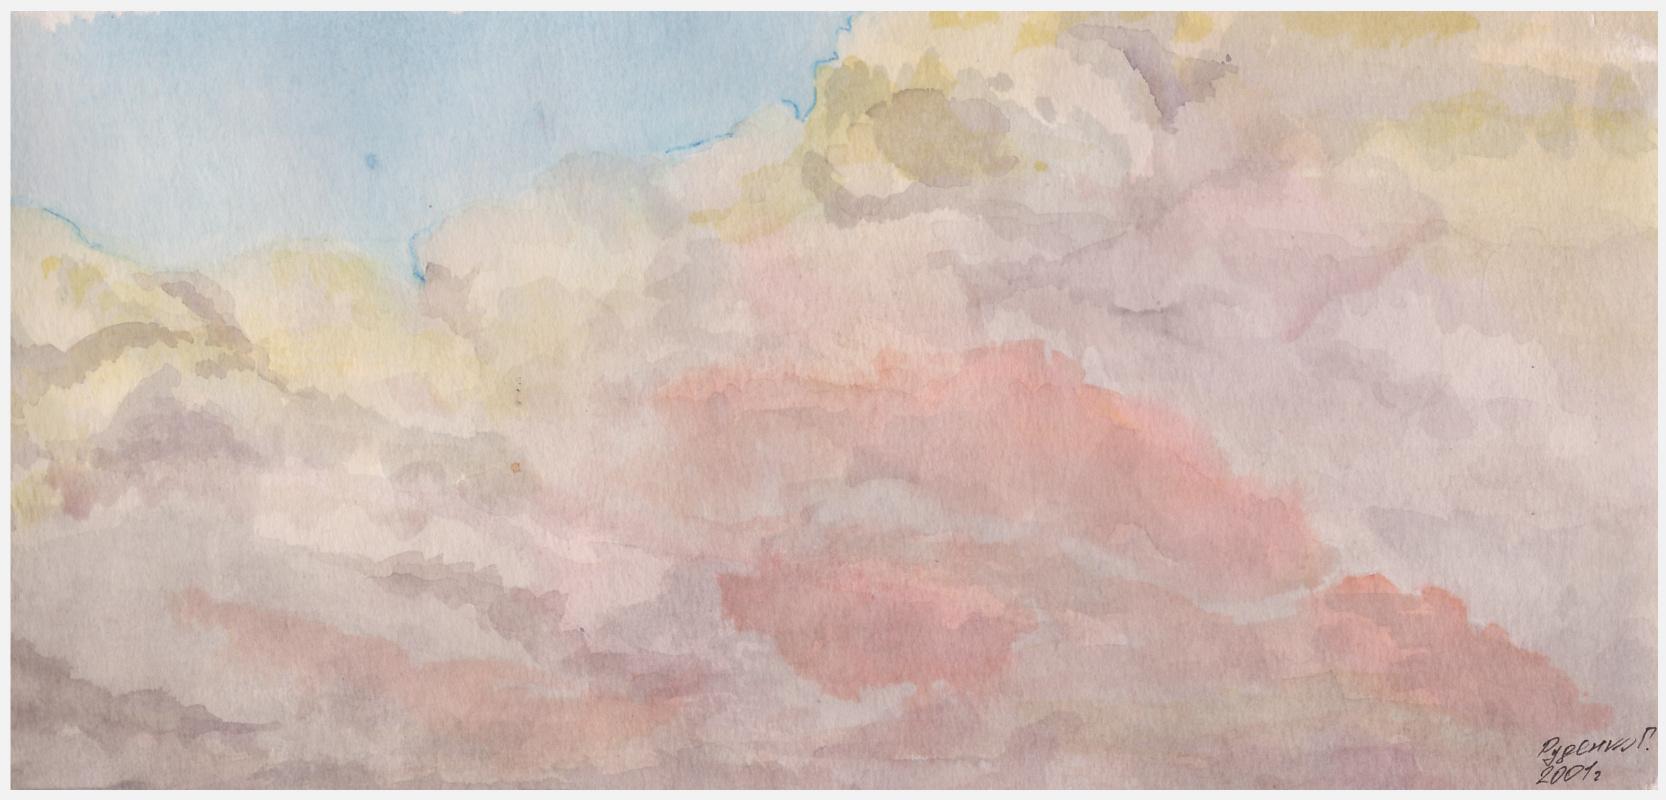 Геннадий Владимирович Руденко. Clouds